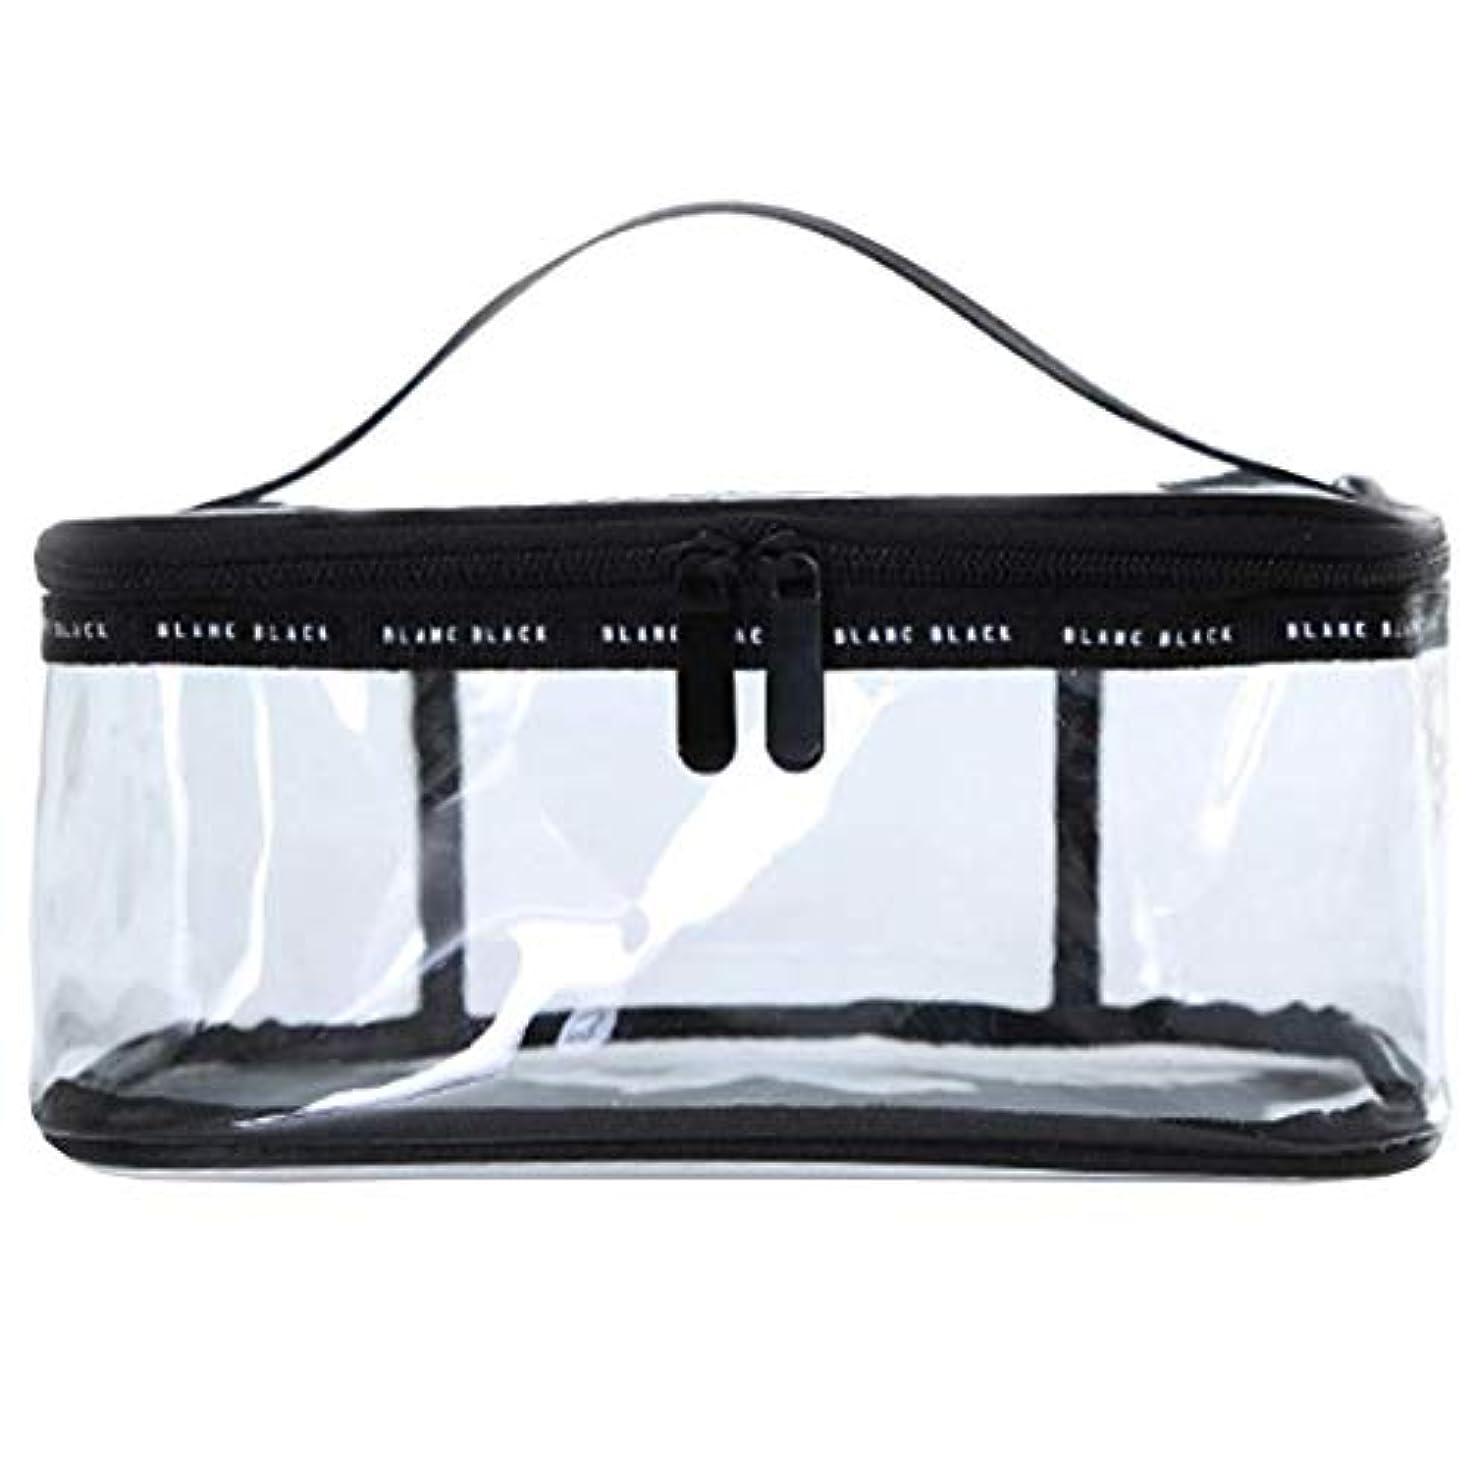 施し別の満州Rownyeメイクポーチ 大容量 クリアポーチ ブラシ入れ付き 透明ポーチ 黒 透明 旅行 出張 仕切りTPUポーチ 防水的